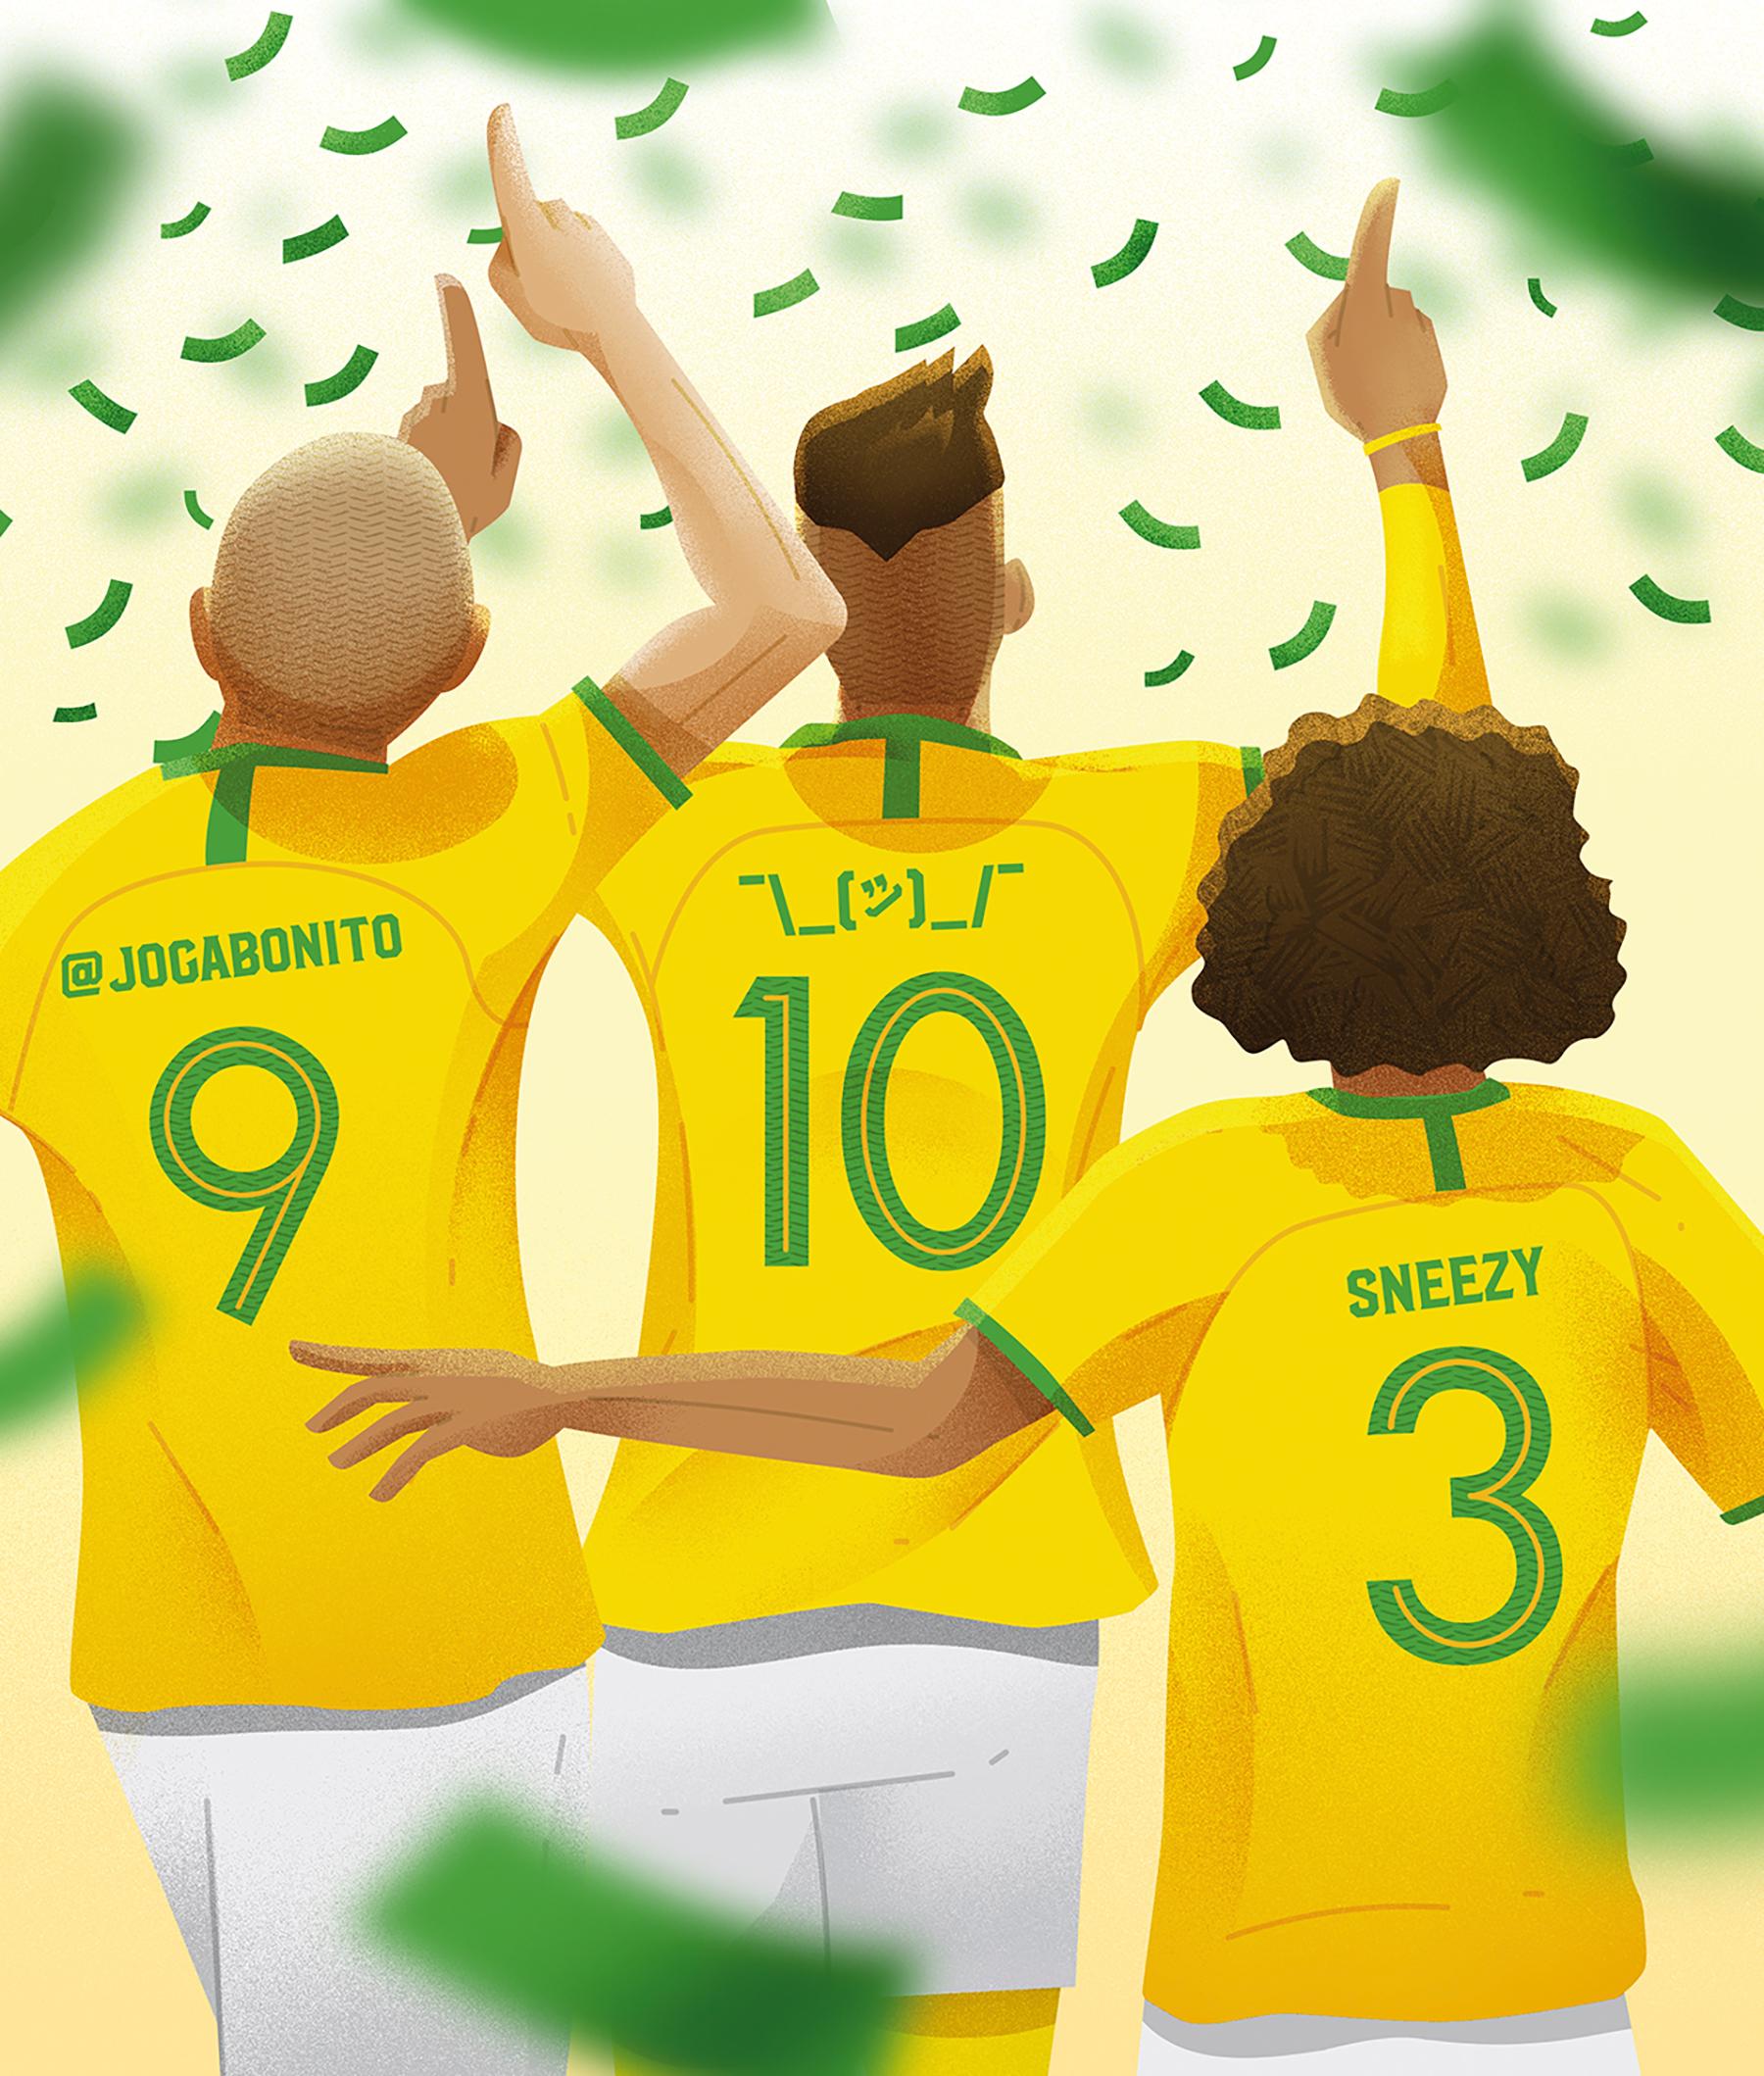 Brazil_ok